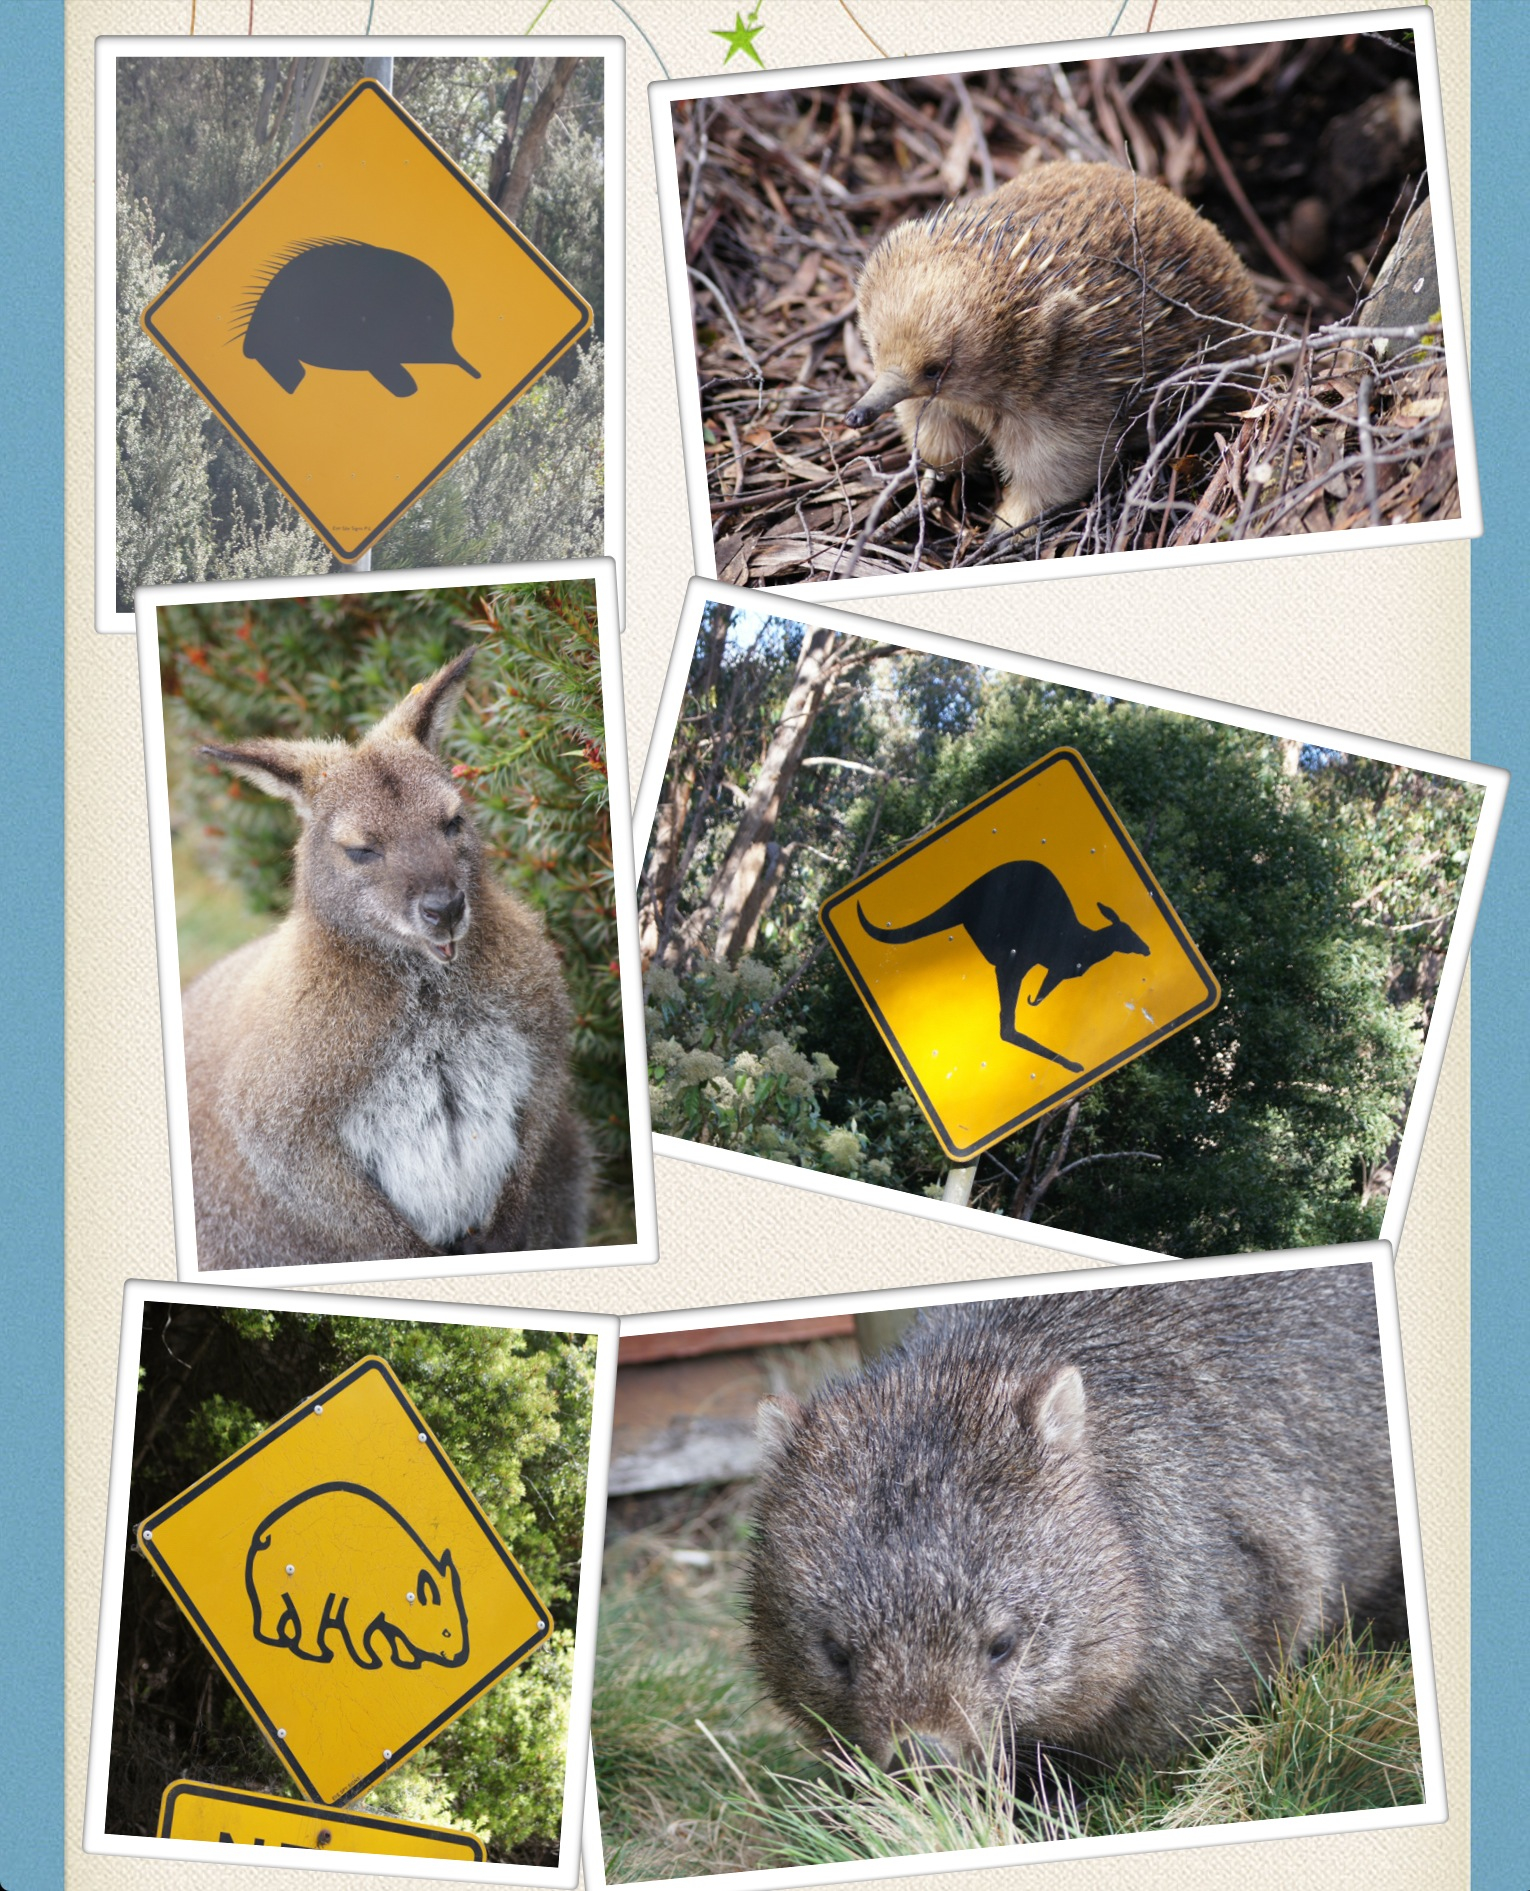 meilleur site de rencontres tasmanienne Virtual Dating Keeley procédure pas à pas